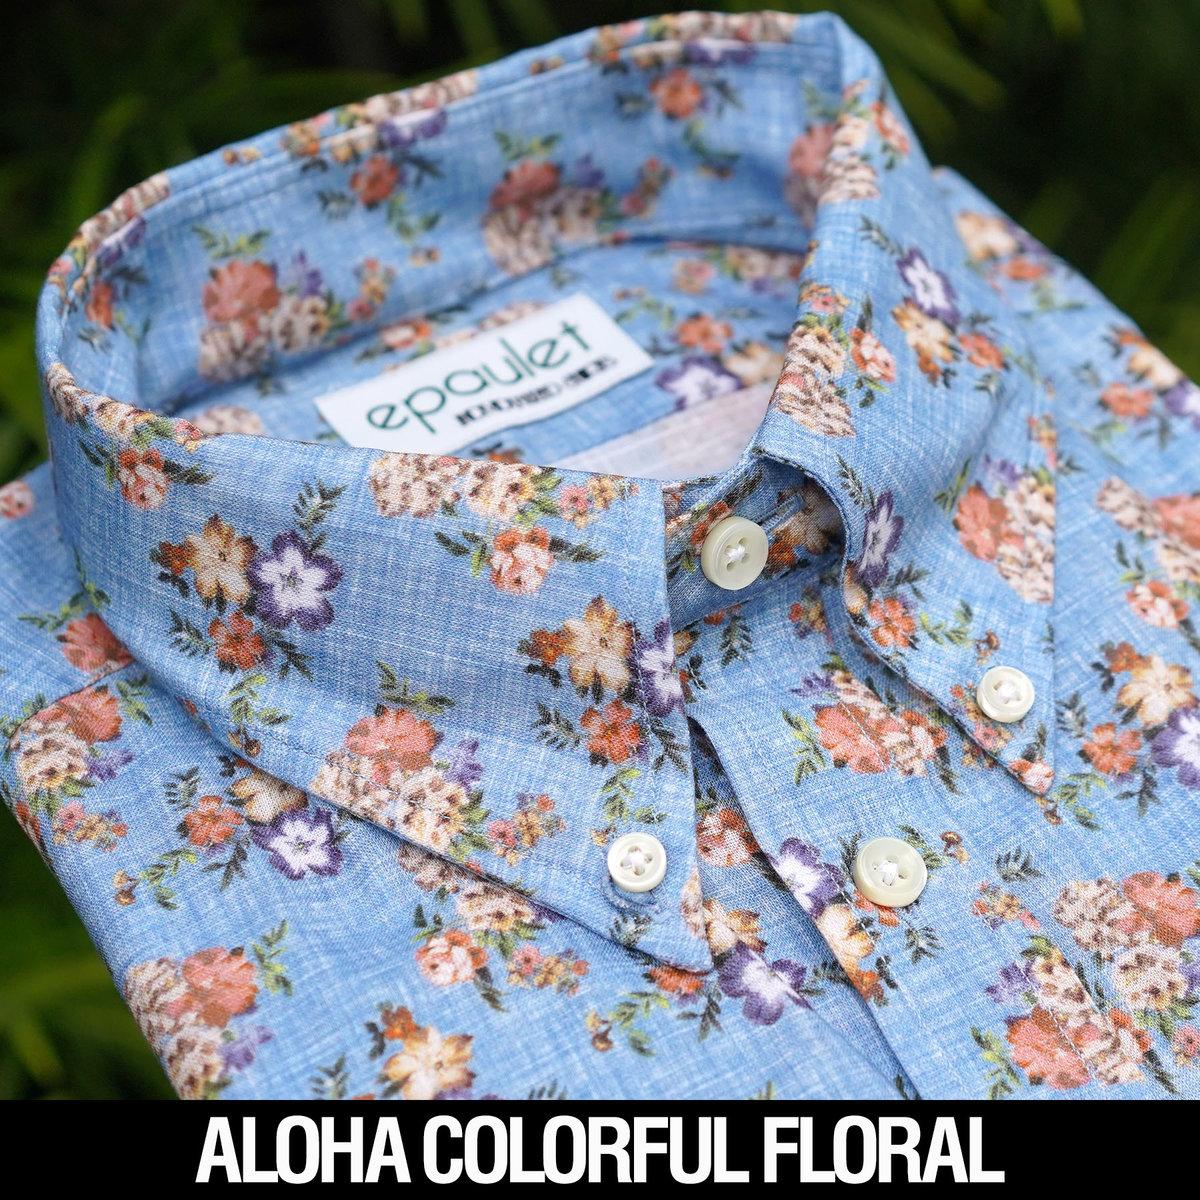 Aloha Colorful Floral.jpg